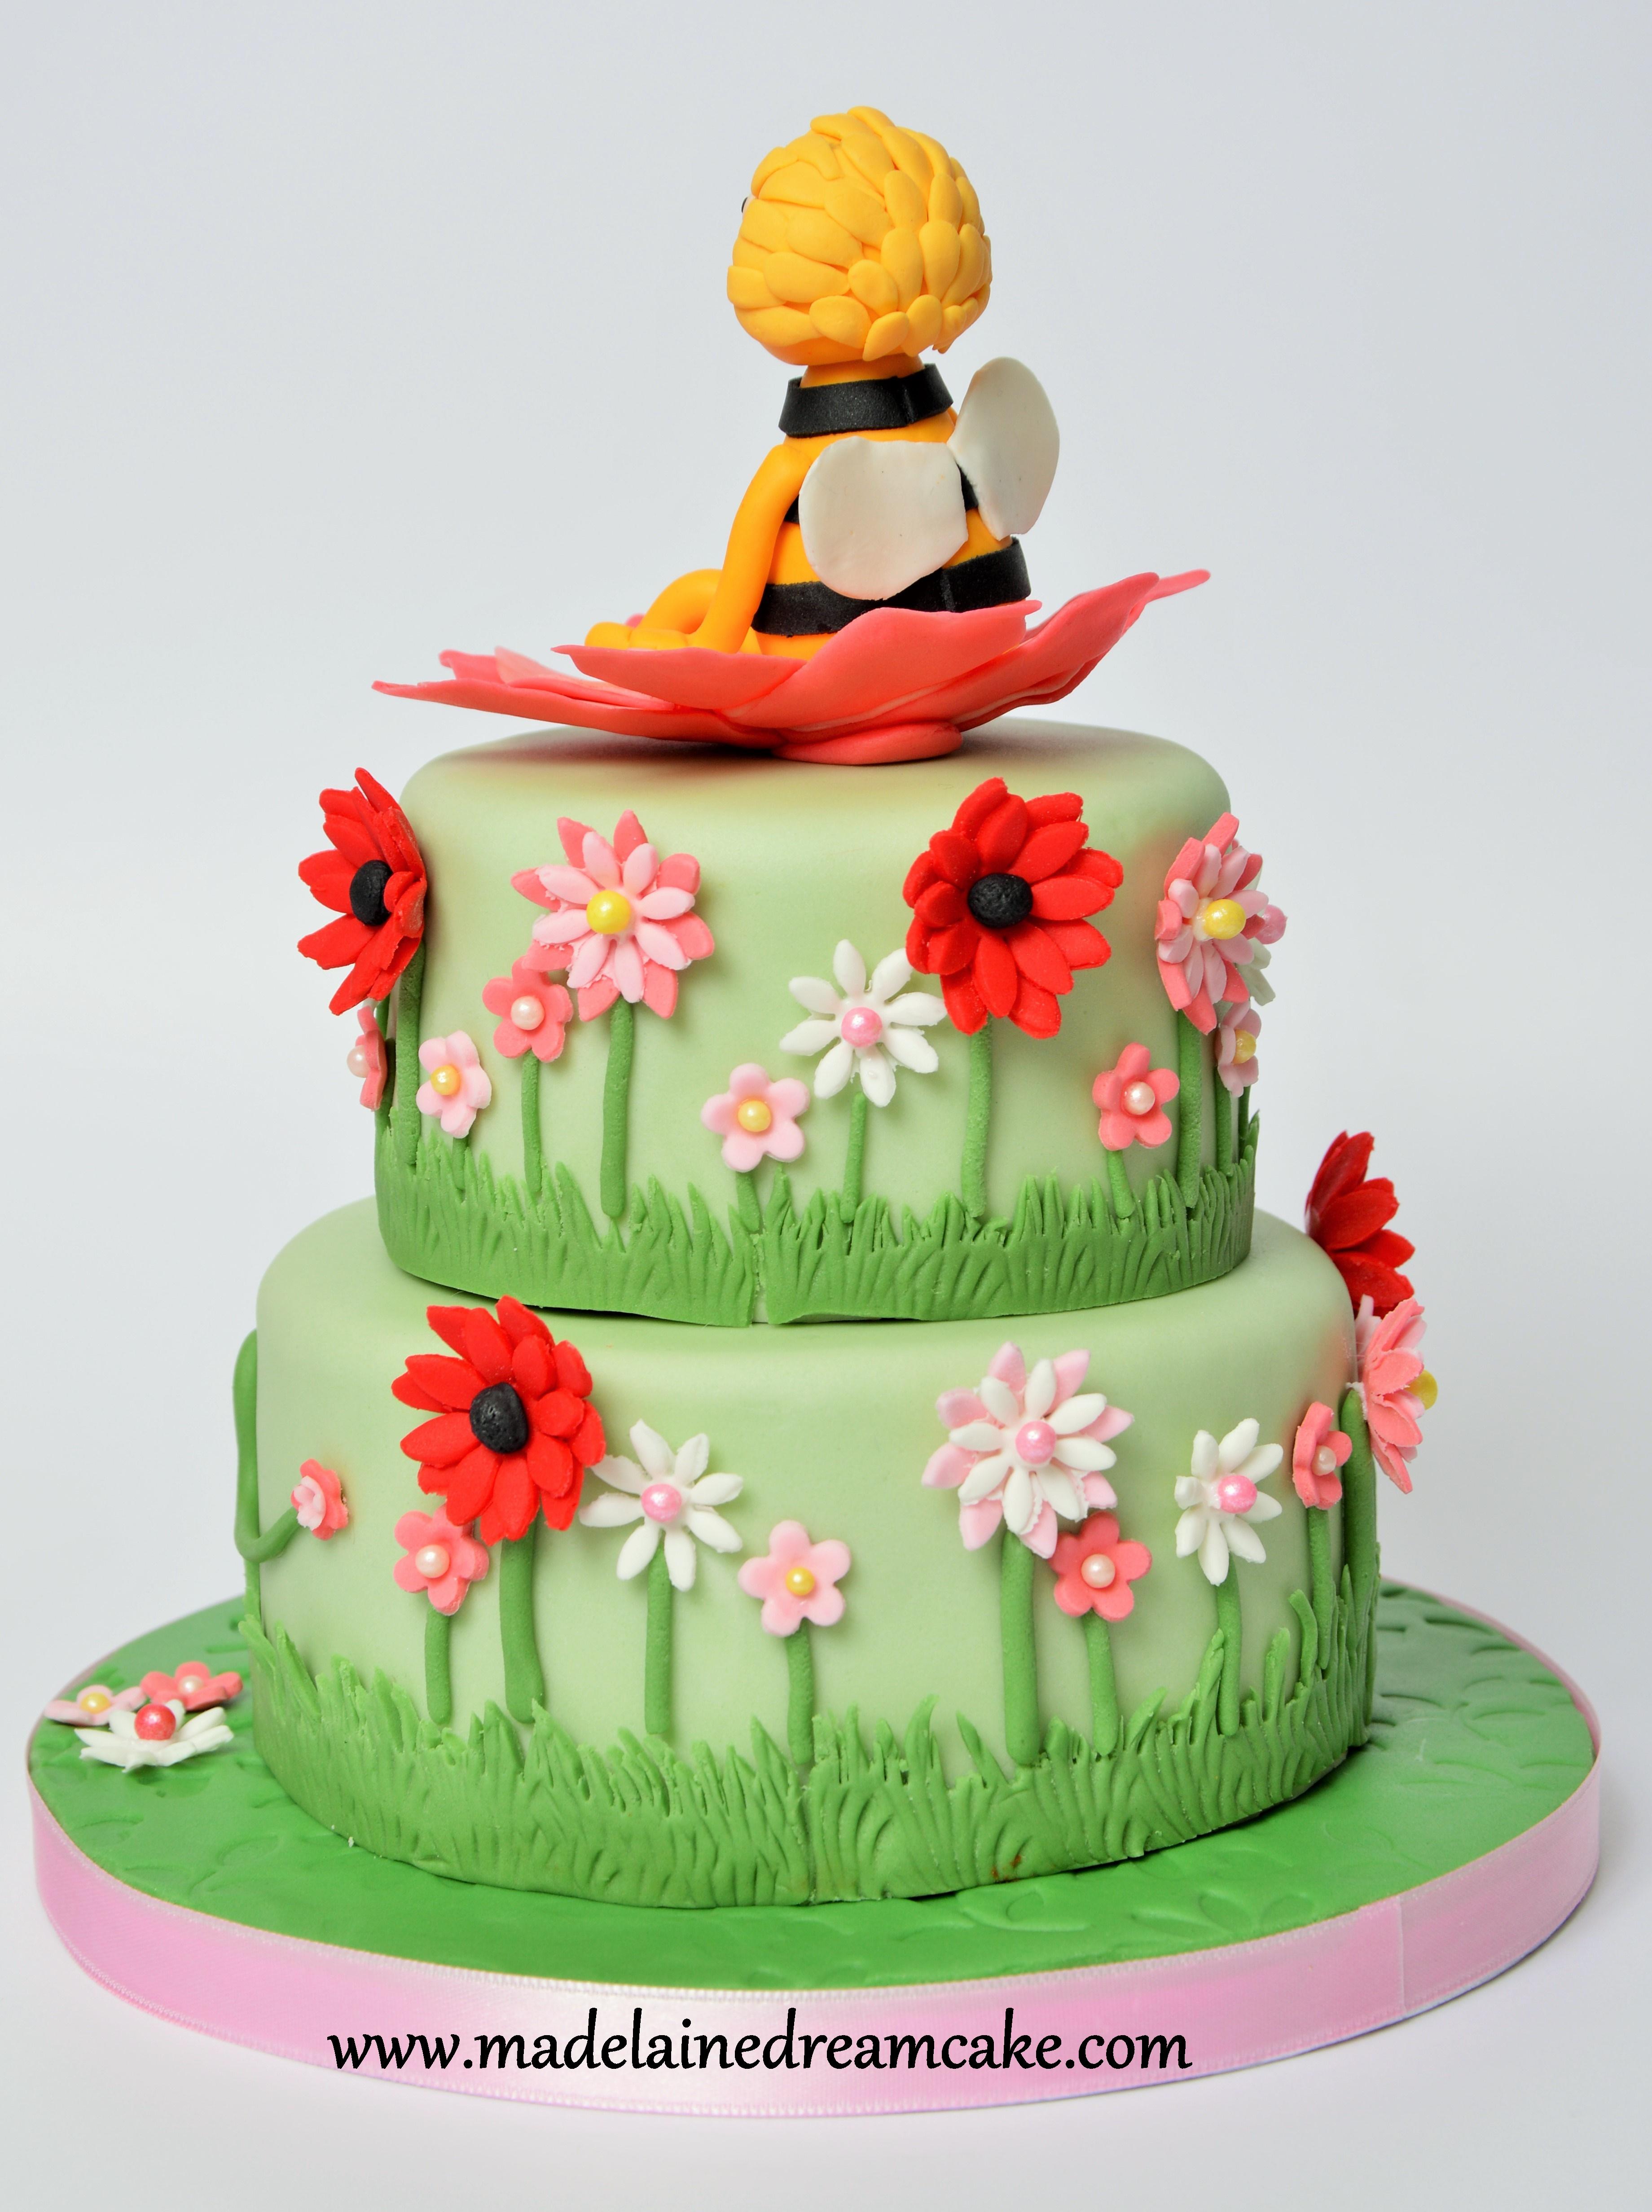 Biene Maja Torte  Madelainedreamcake